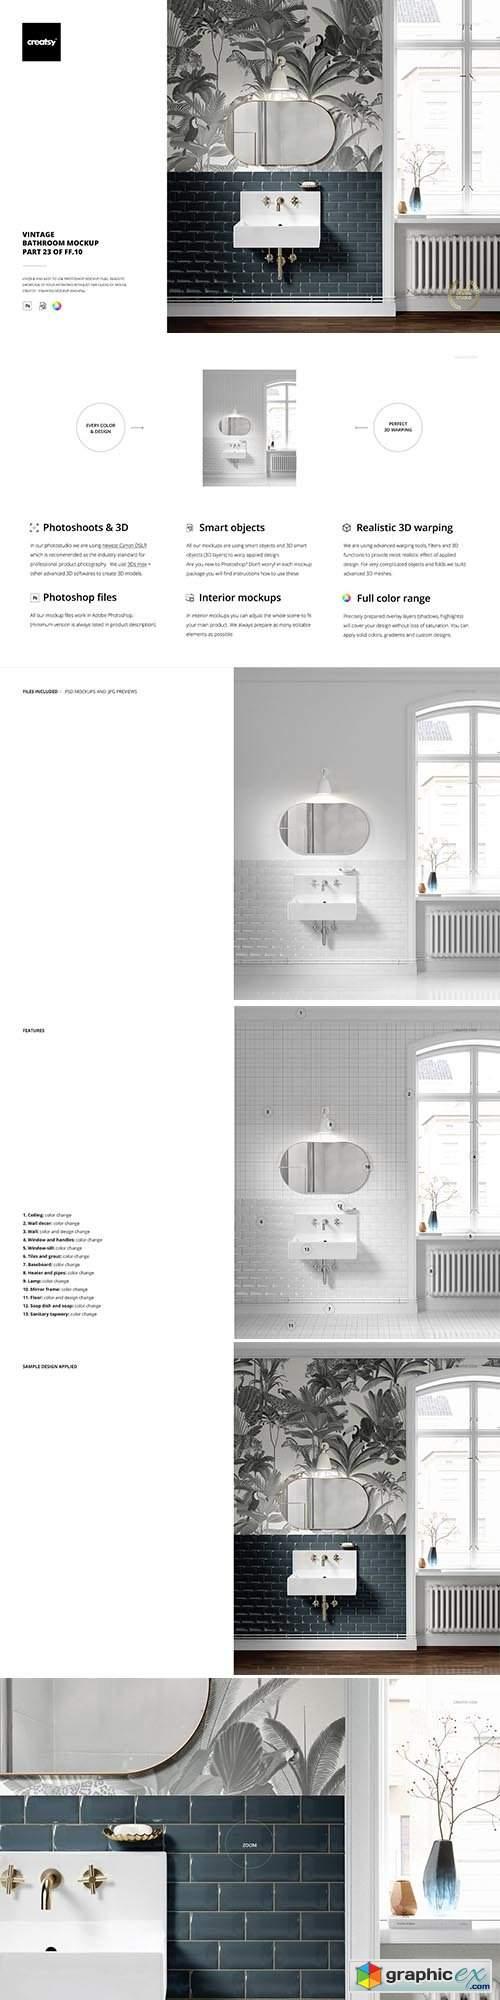 Vintage Bathroom Mockup (23FFv.10)